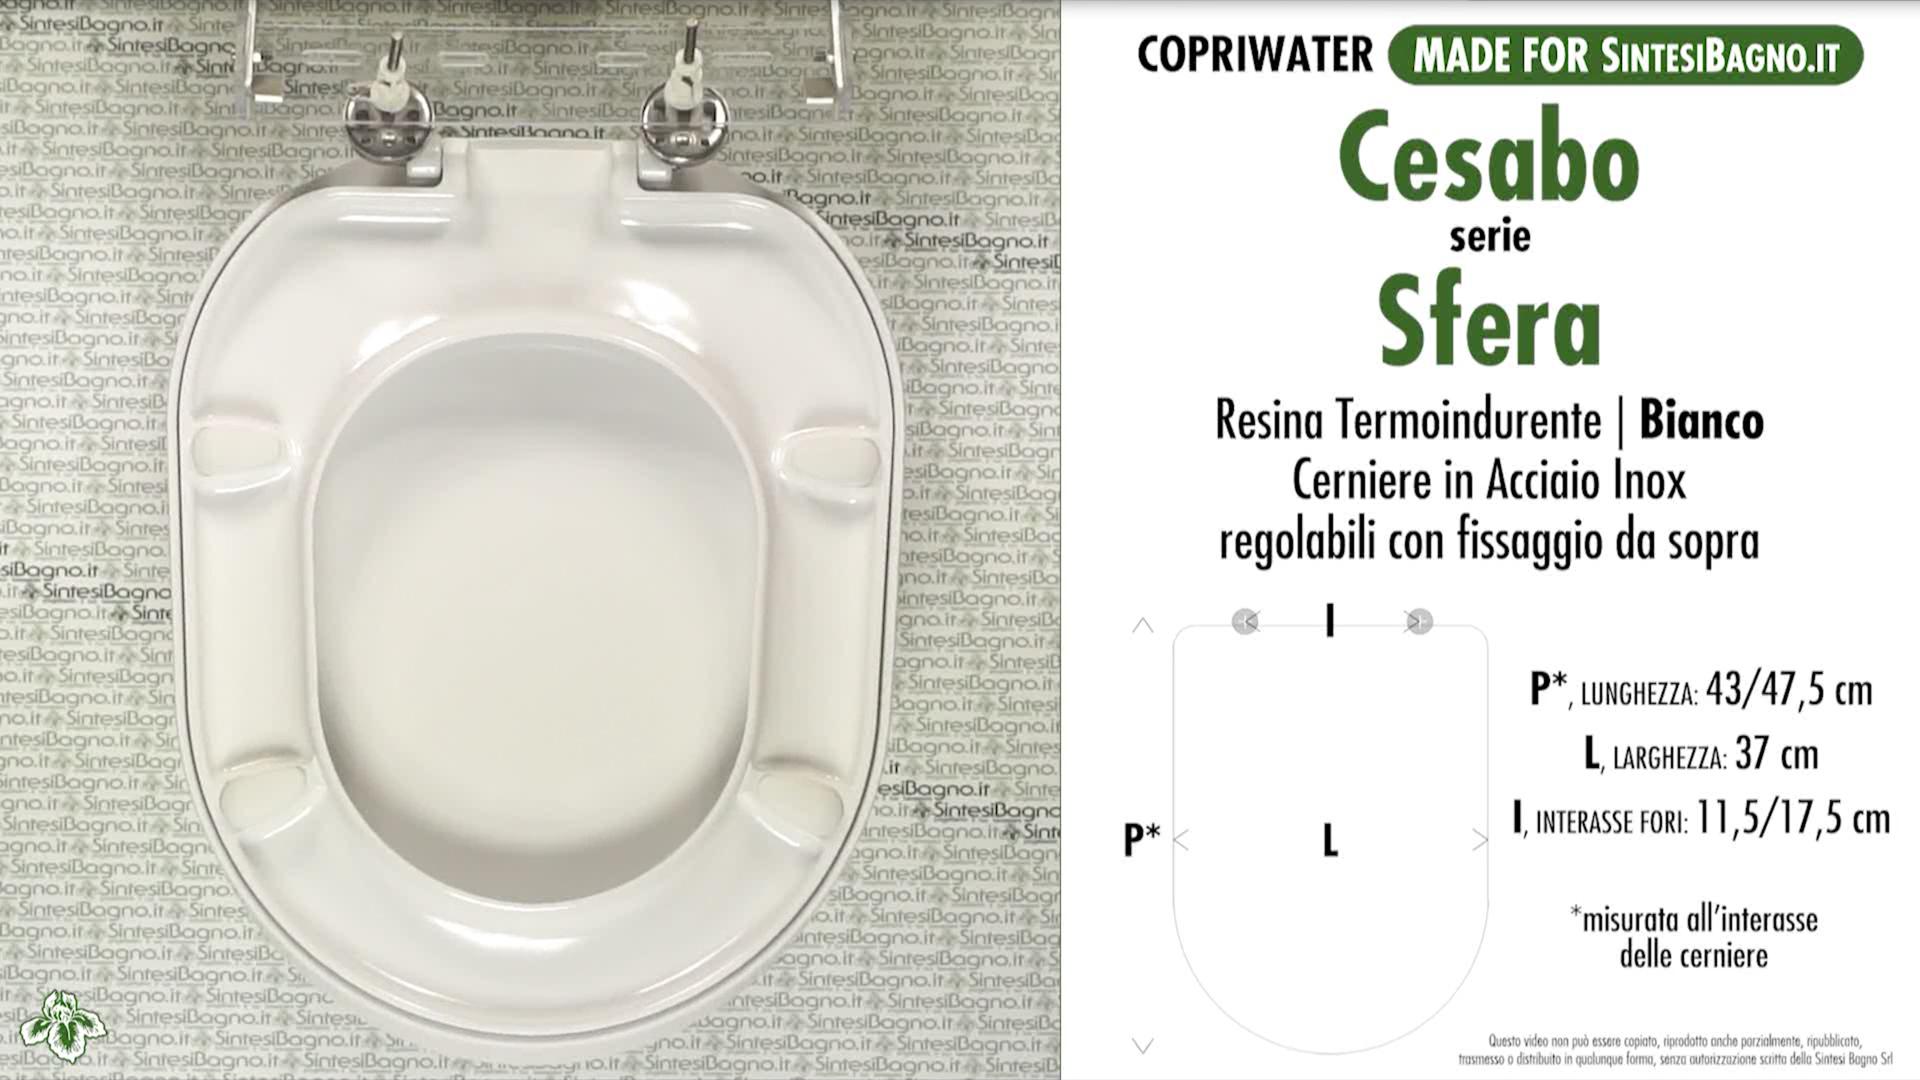 SCHEDA TECNICA MISURE copriwater CESABO SFERA